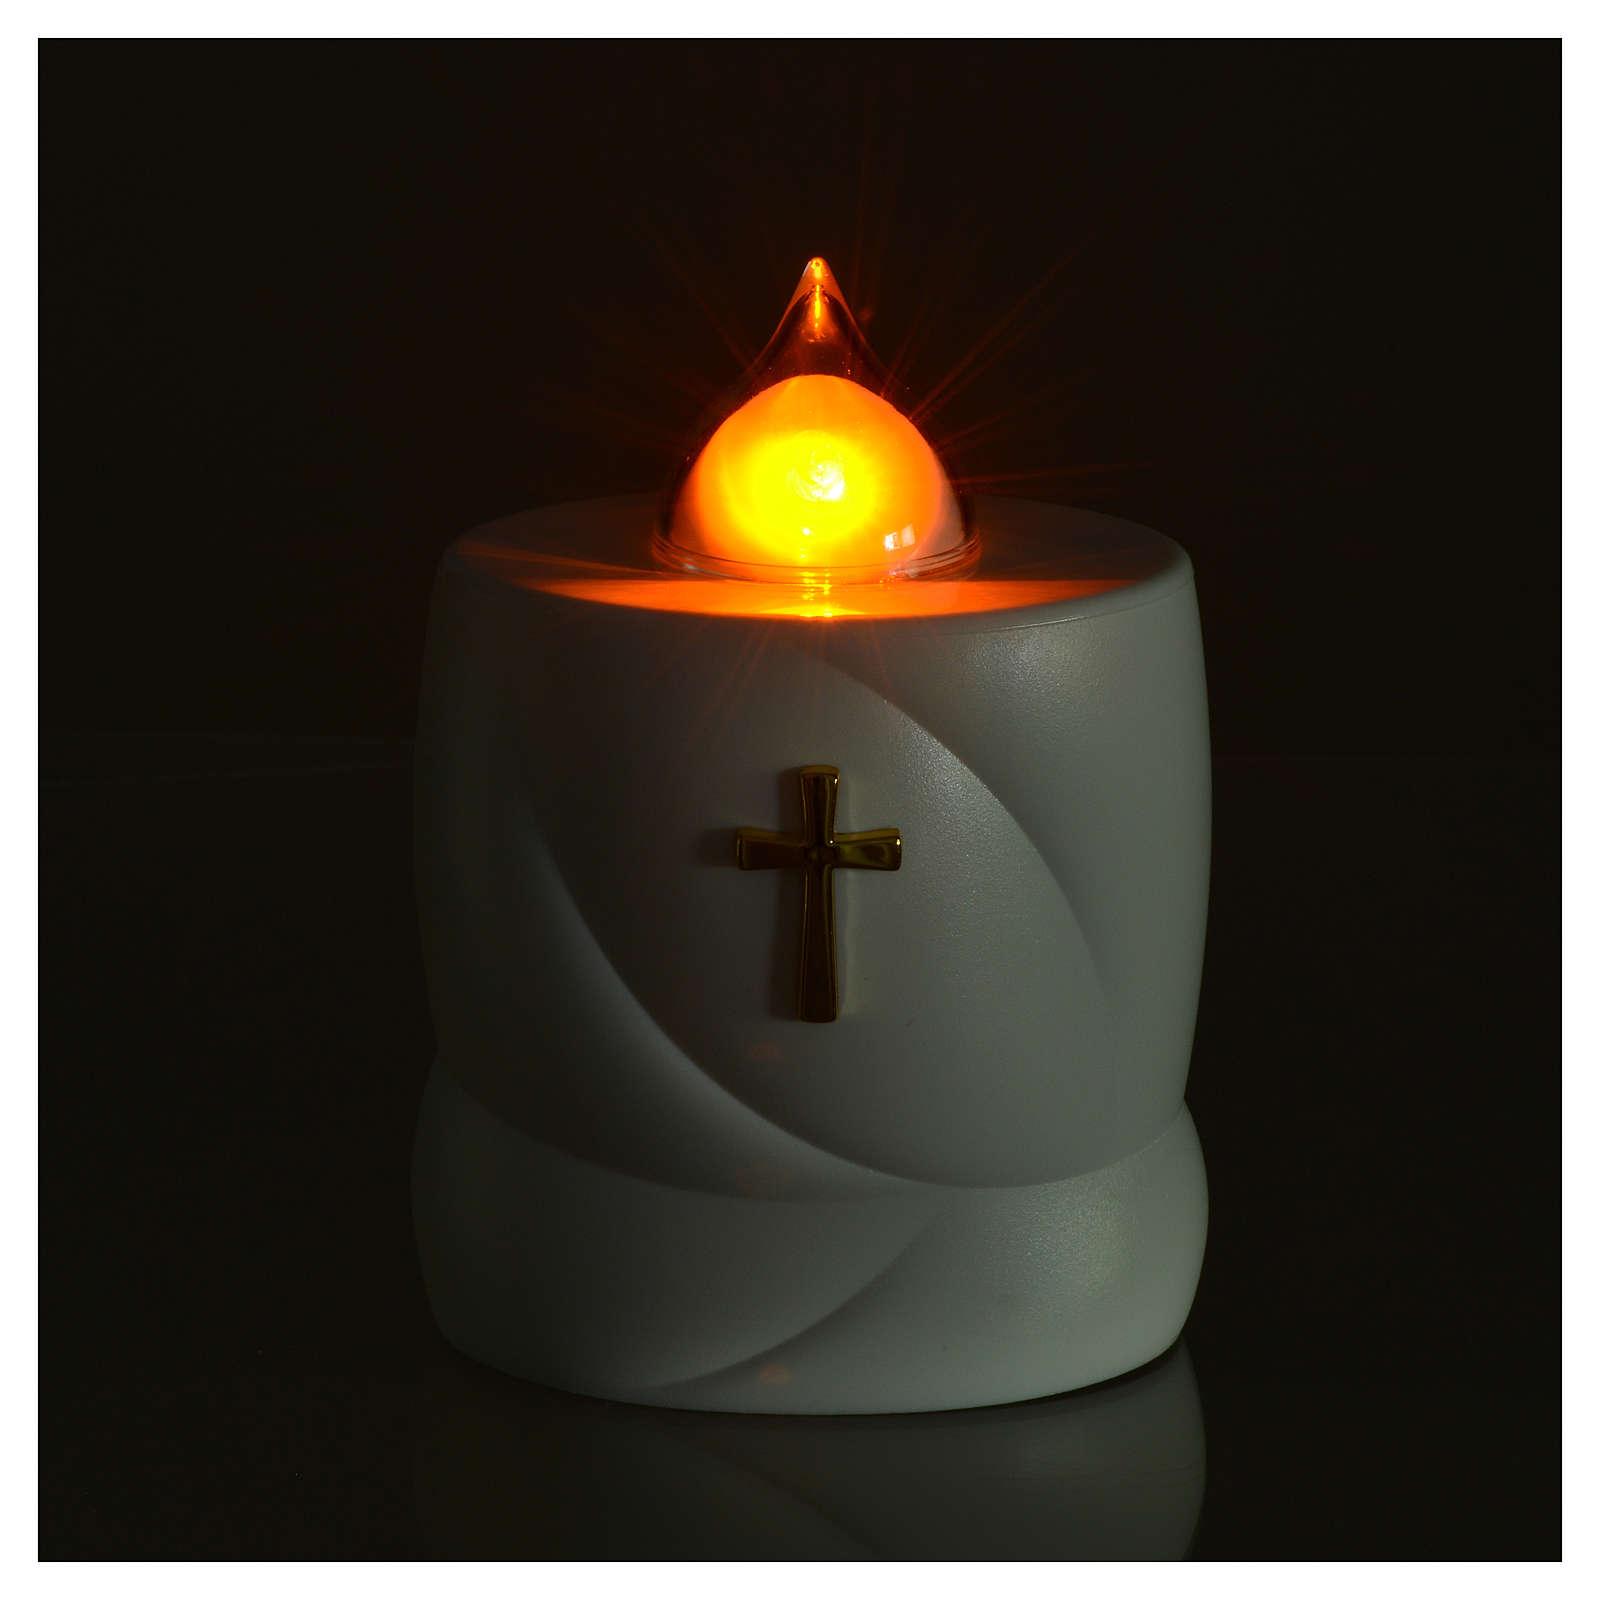 Lampka Lumada biała krzyż płomień żółty prawdziwy 3